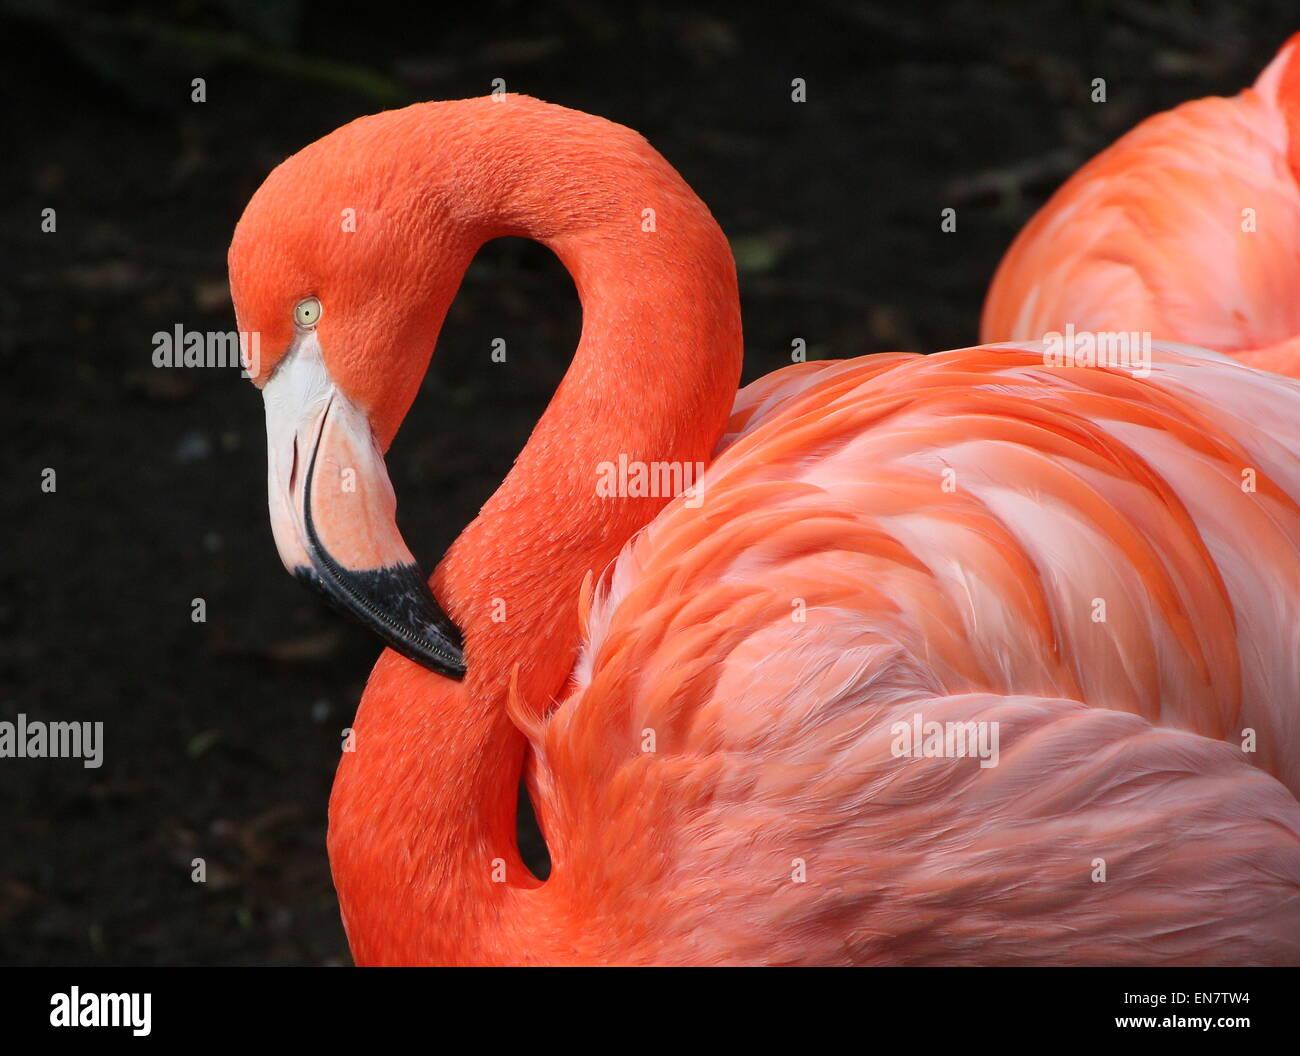 Americana o dei Caraibi flamingo ( Phoenicopterus ruber), primo piano della testa e del corpo Immagini Stock